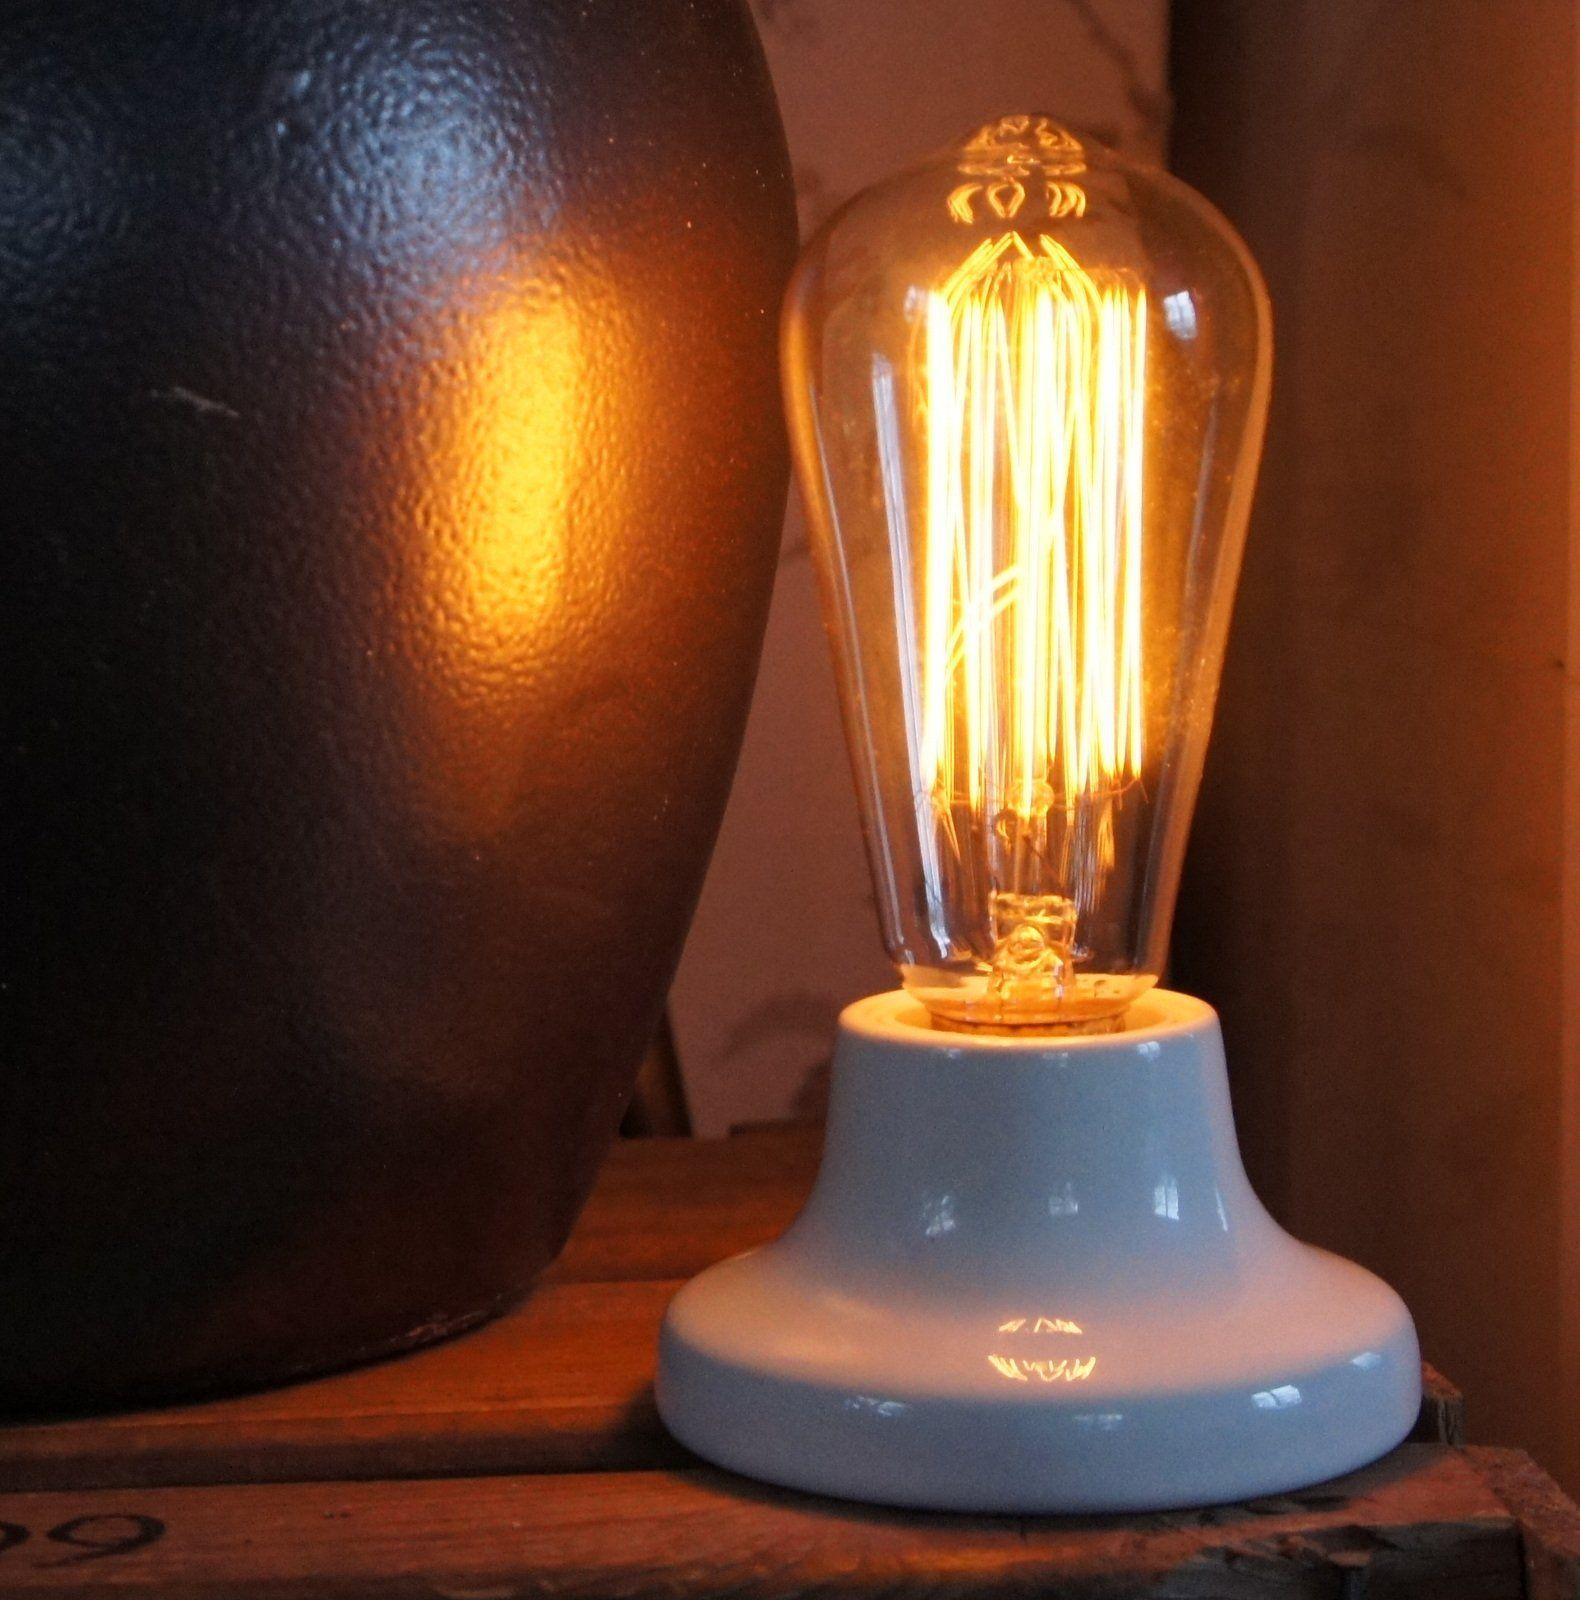 Zangra Porslinslamph Llare E27 By Vintage Lighting Lamph Llare Fr N Zangra Tillverkad I Frankrike F R E27 Lampor Koltr D El Vintage Lighting Lighting Vintage